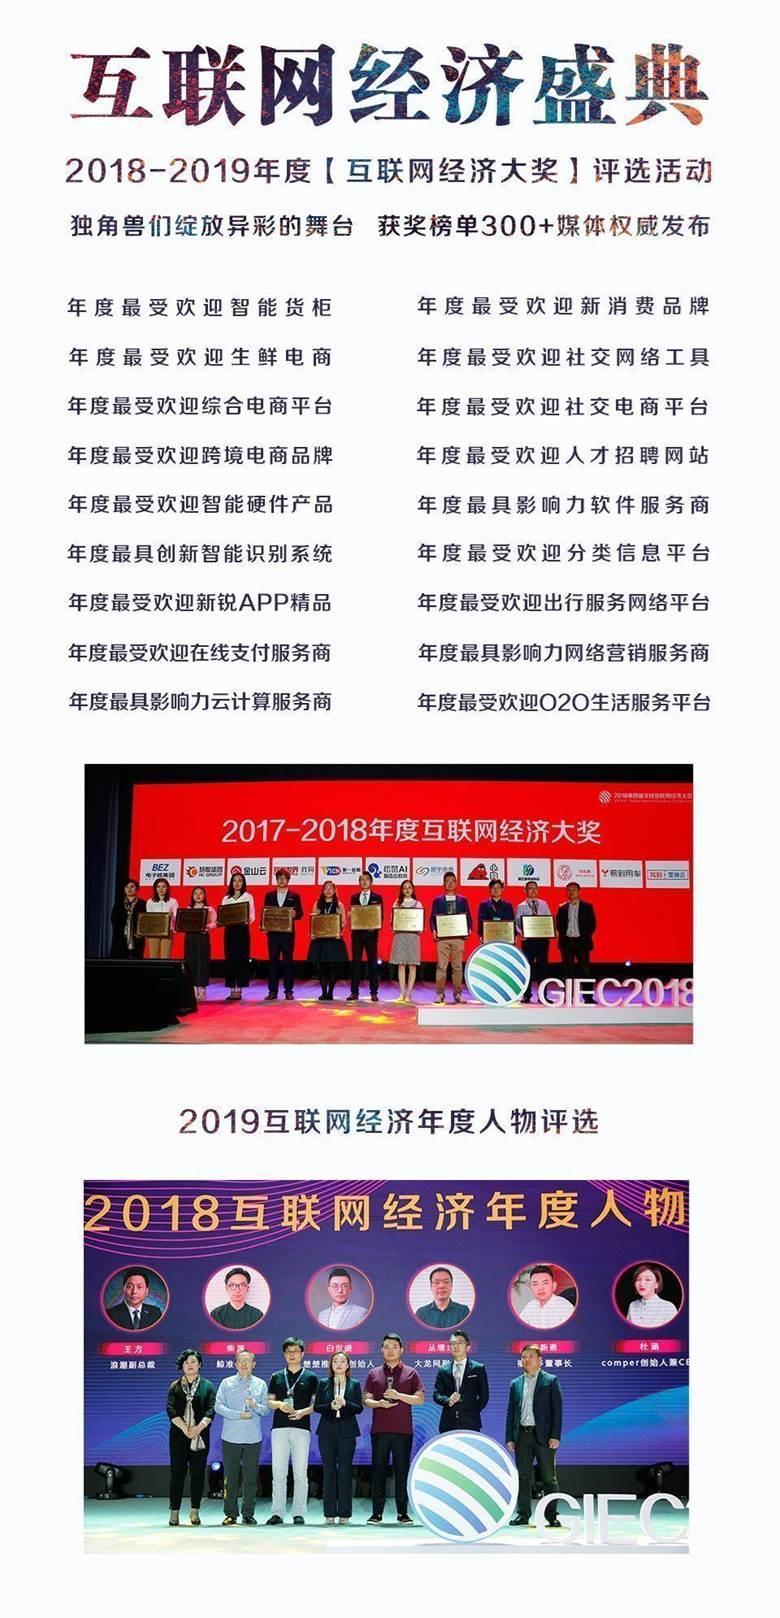 互联网经济大奖、互联网经济年度人物.png